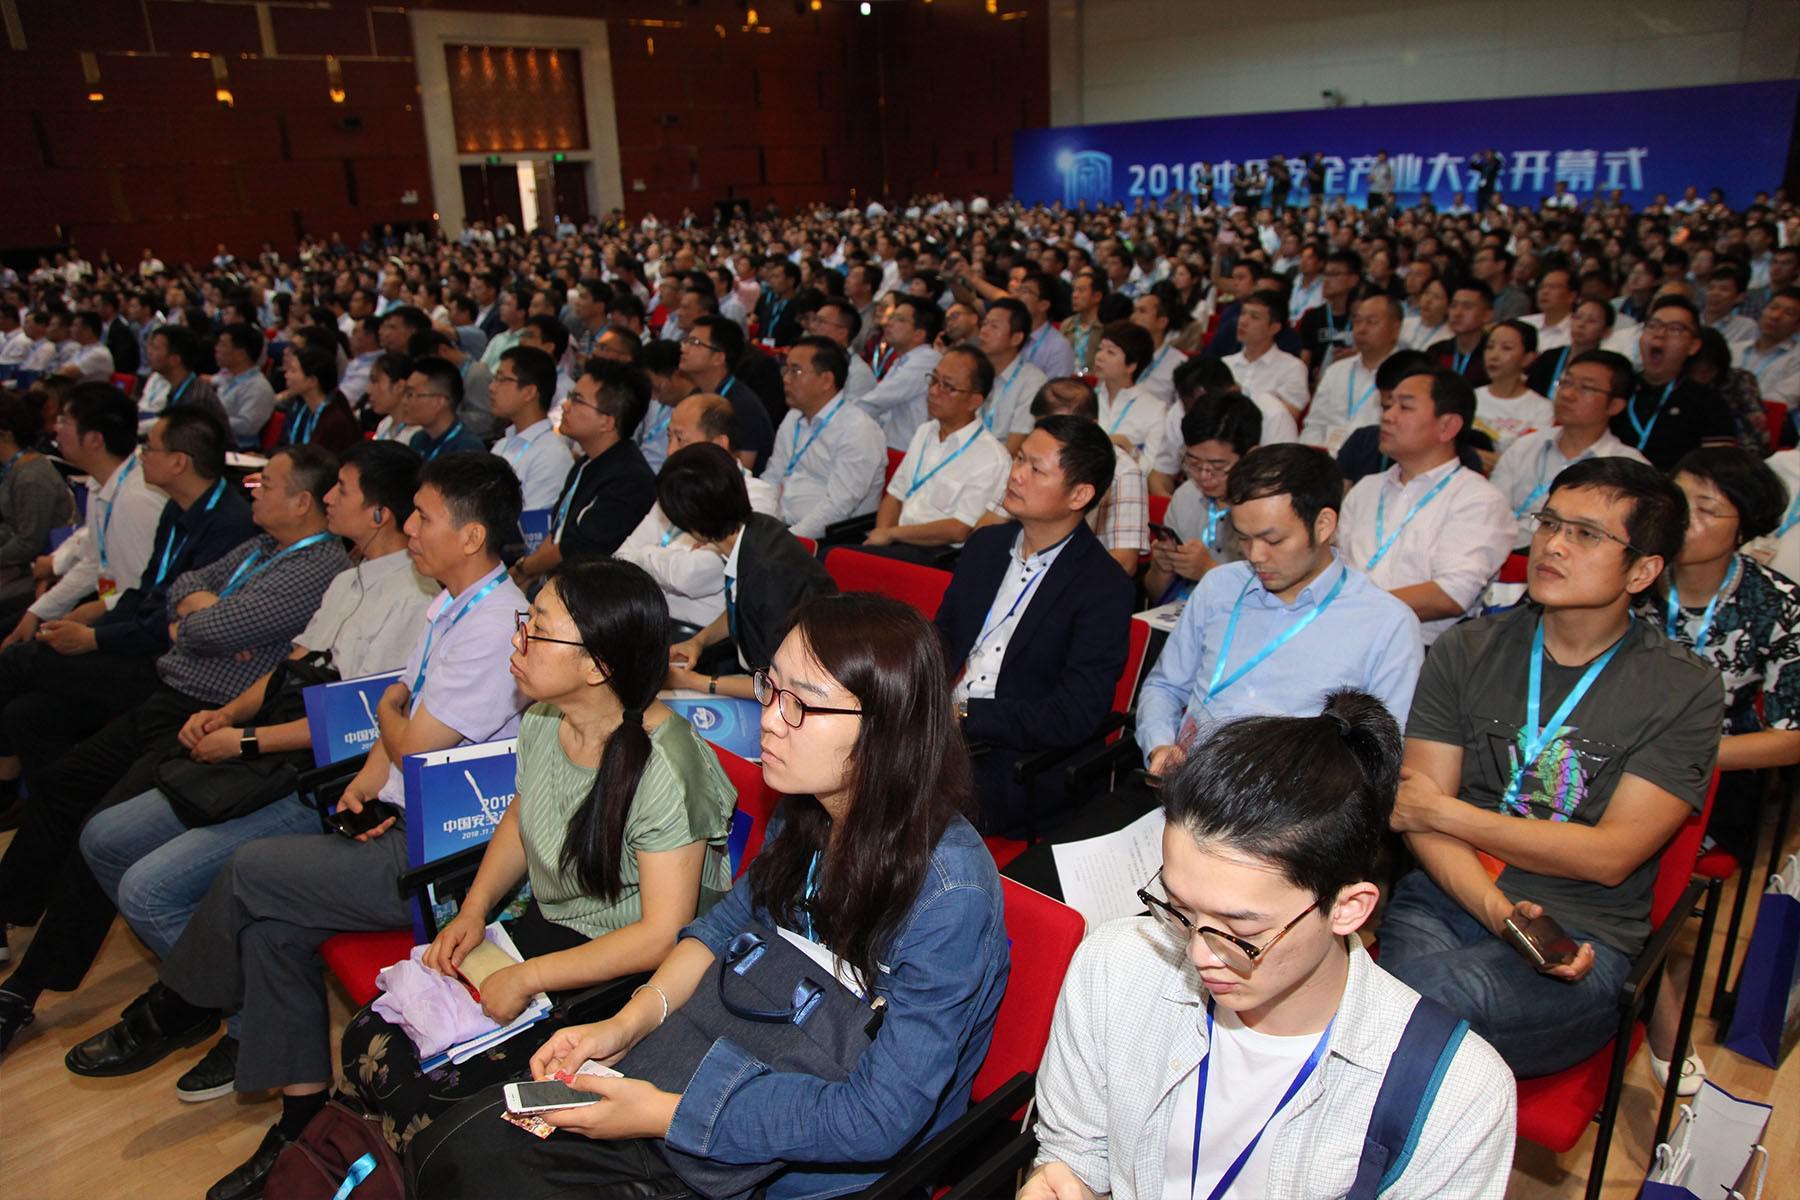 聚焦移動出行 第二屆交通安全產業峰會開幕